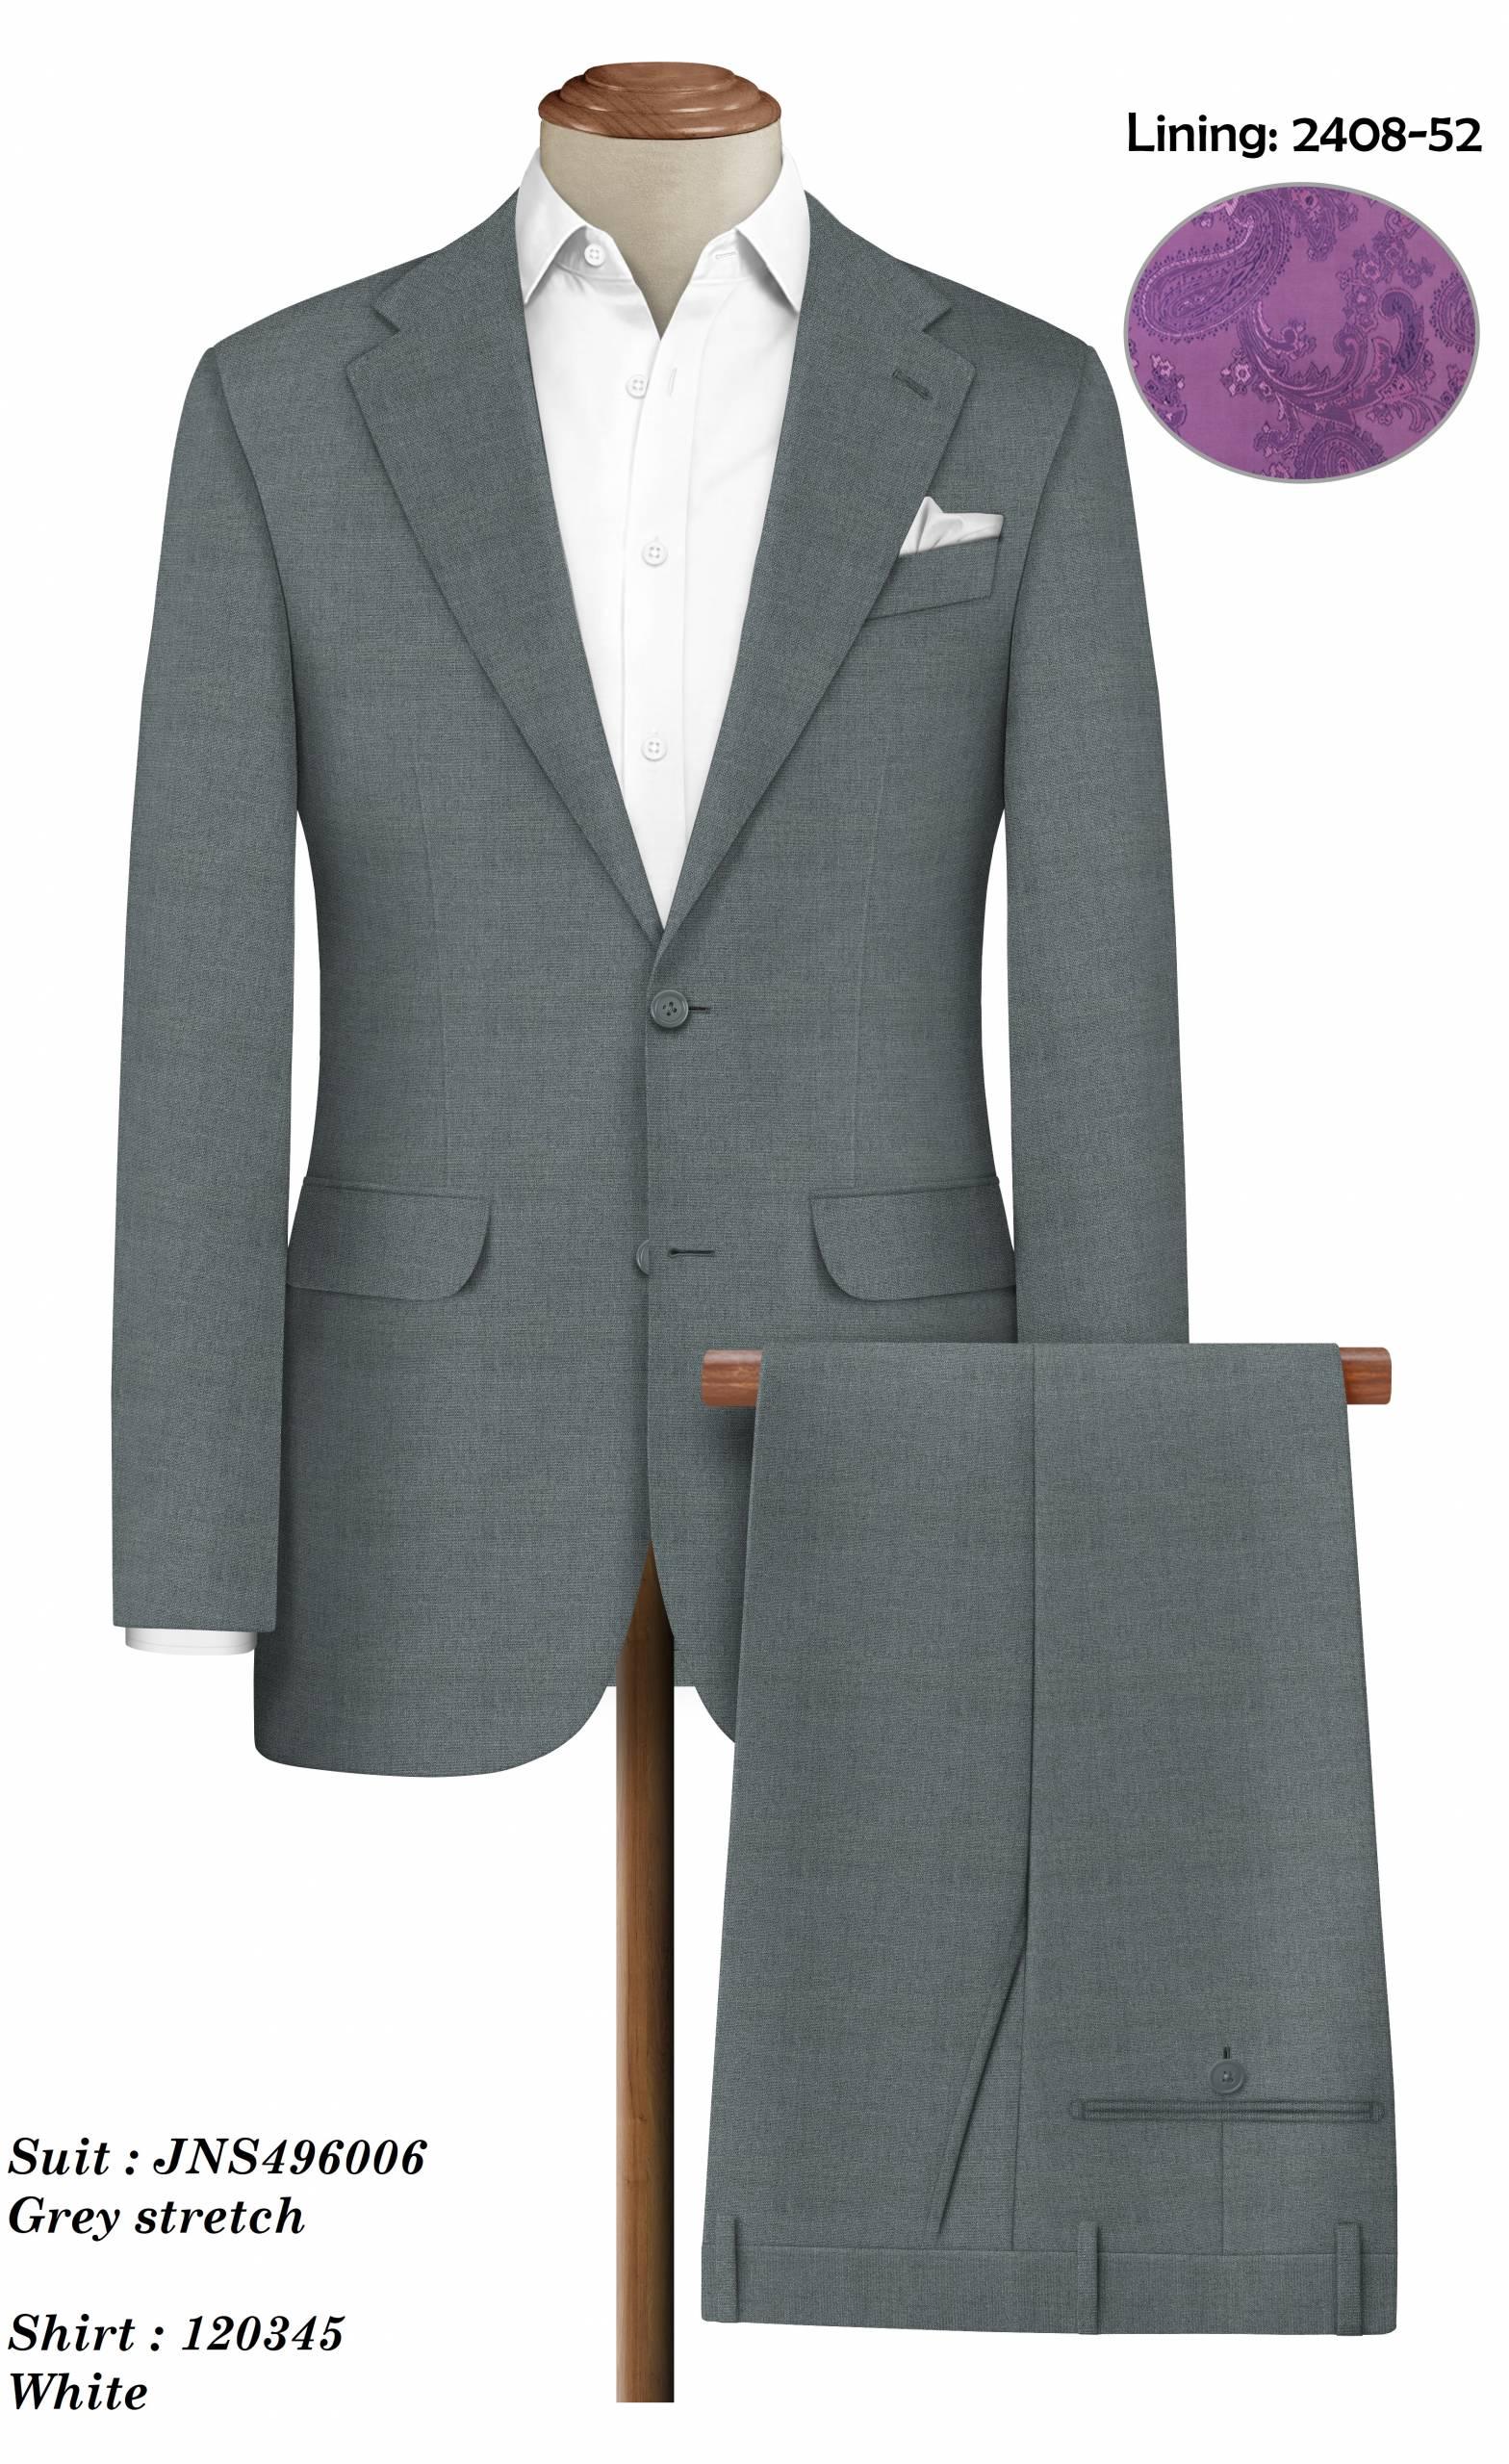 (10) JNS496006_suit